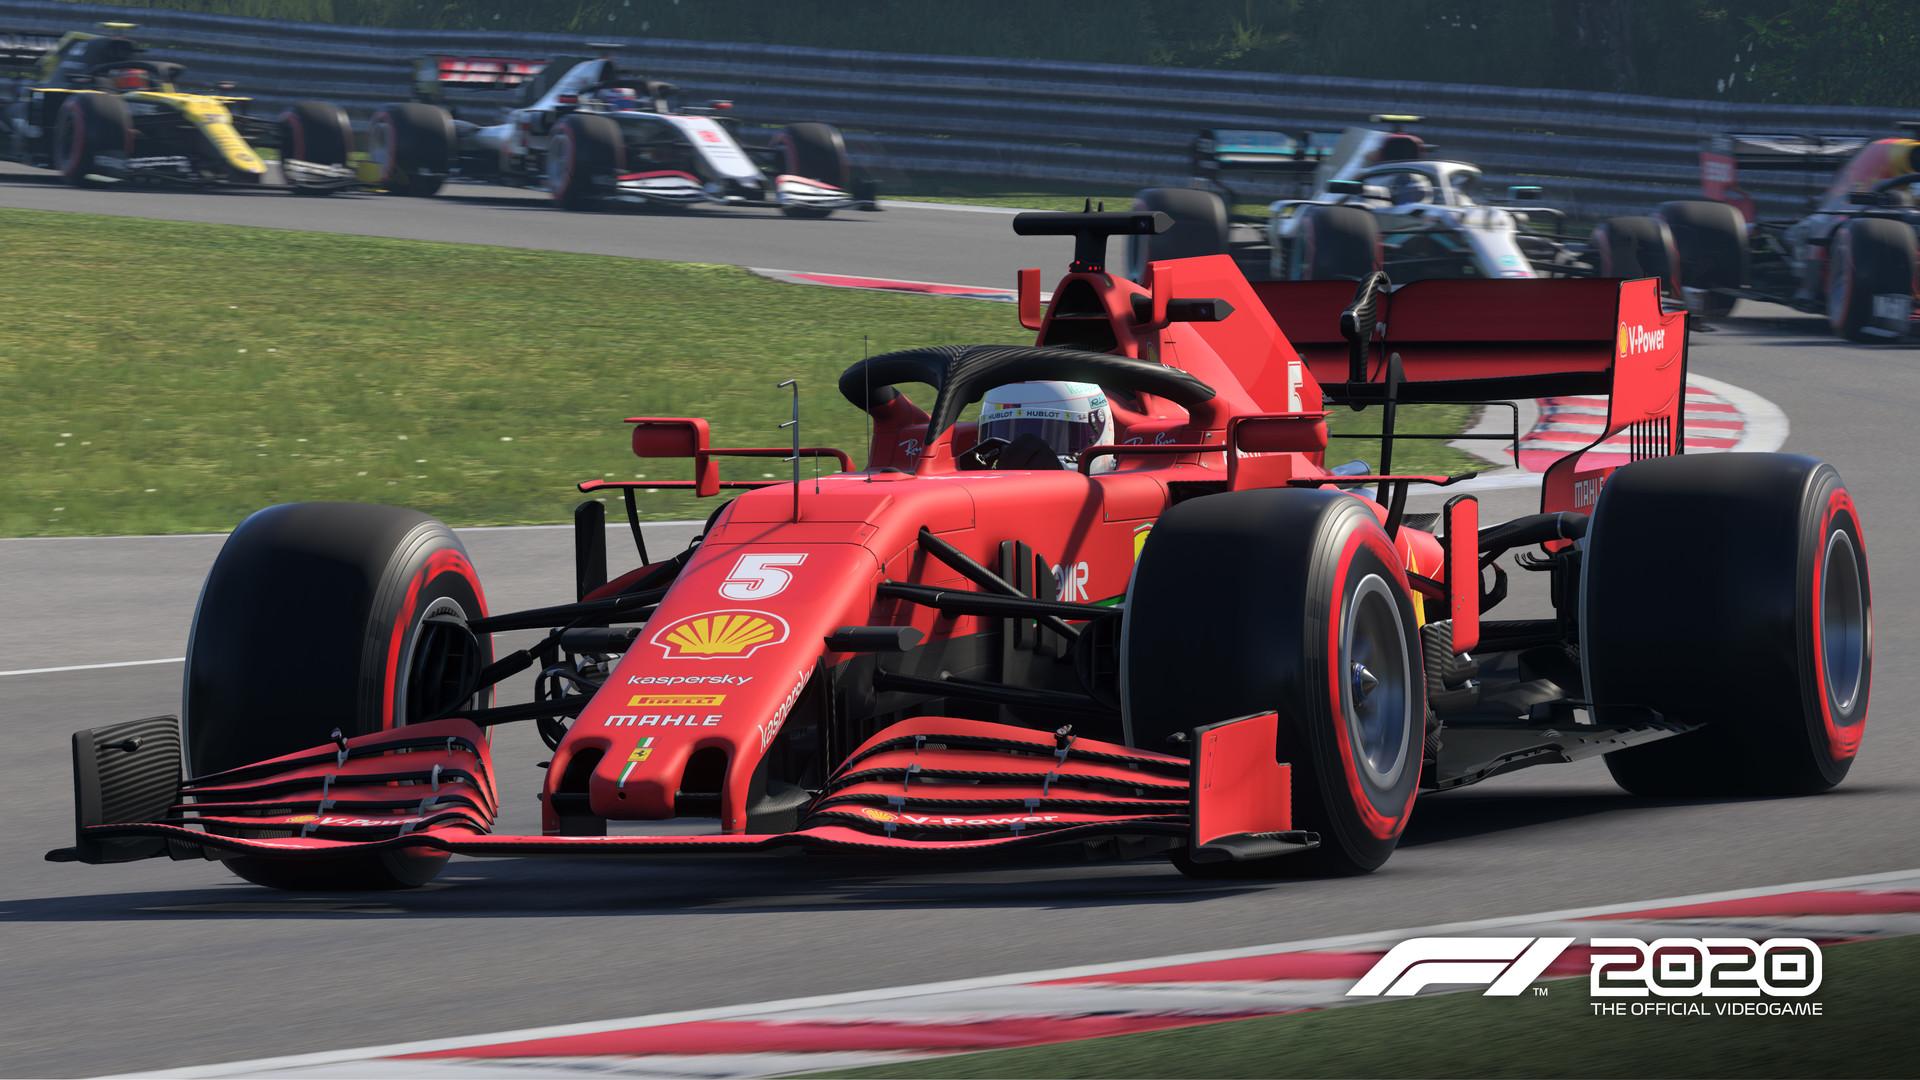 F1: 2020 cover art